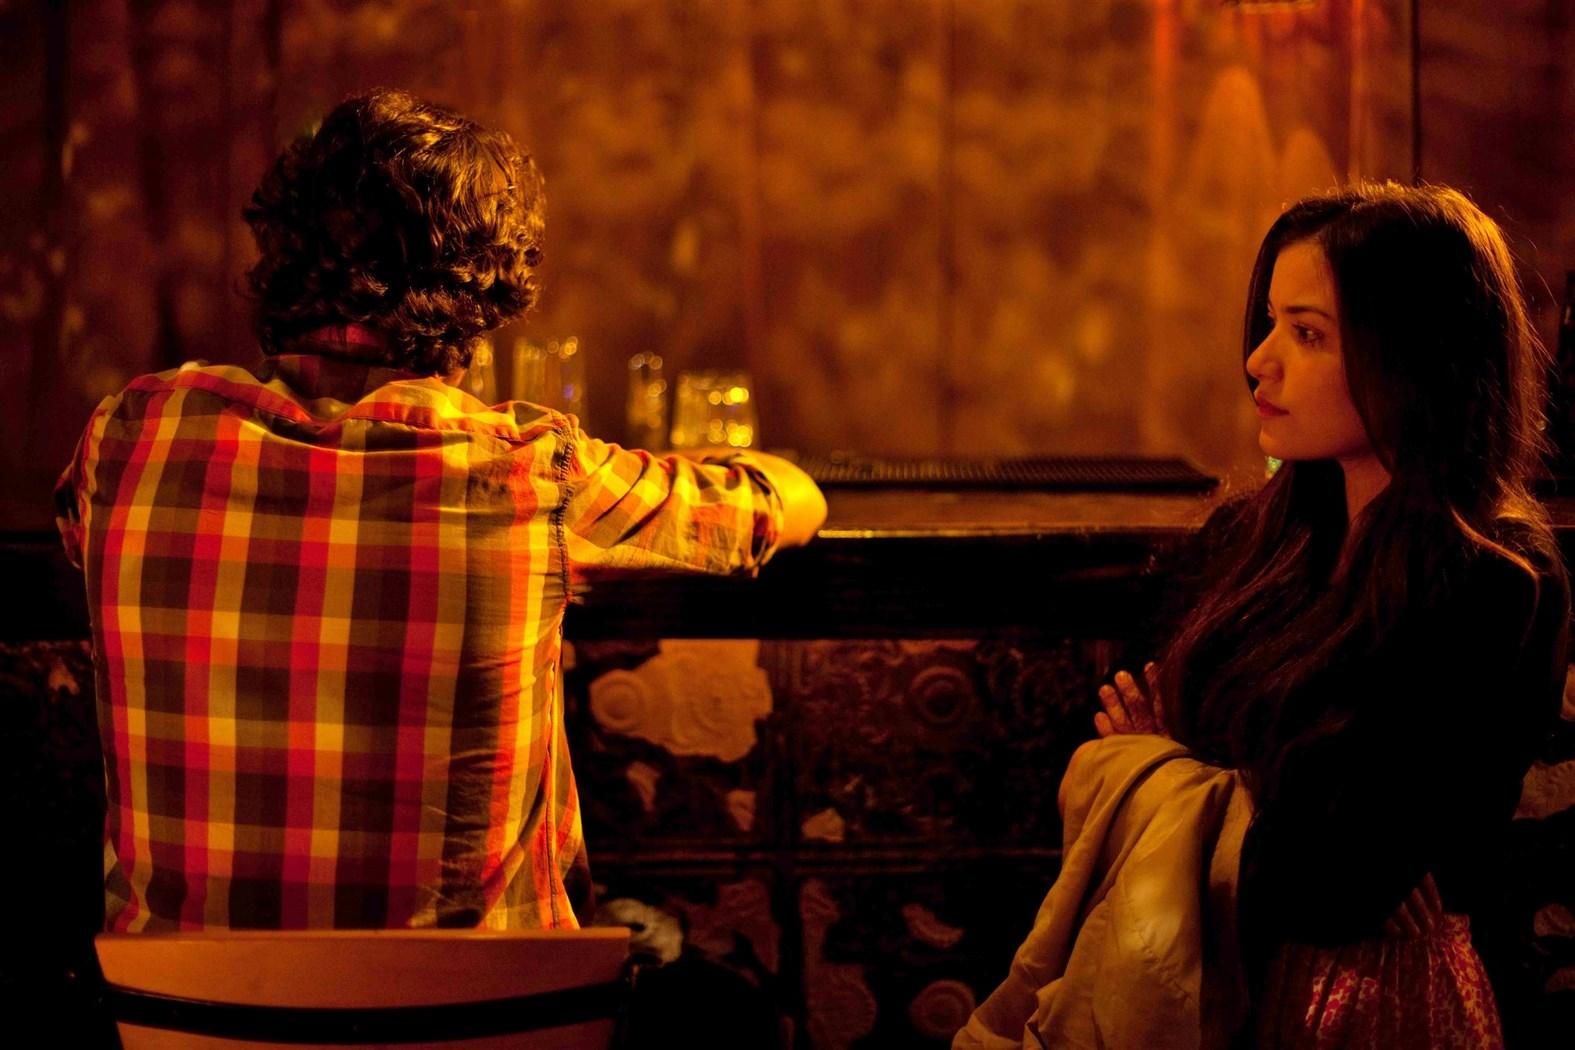 Bild von Verliebt in Molly - Bild 25 auf 27 - FILMSTARTS.de